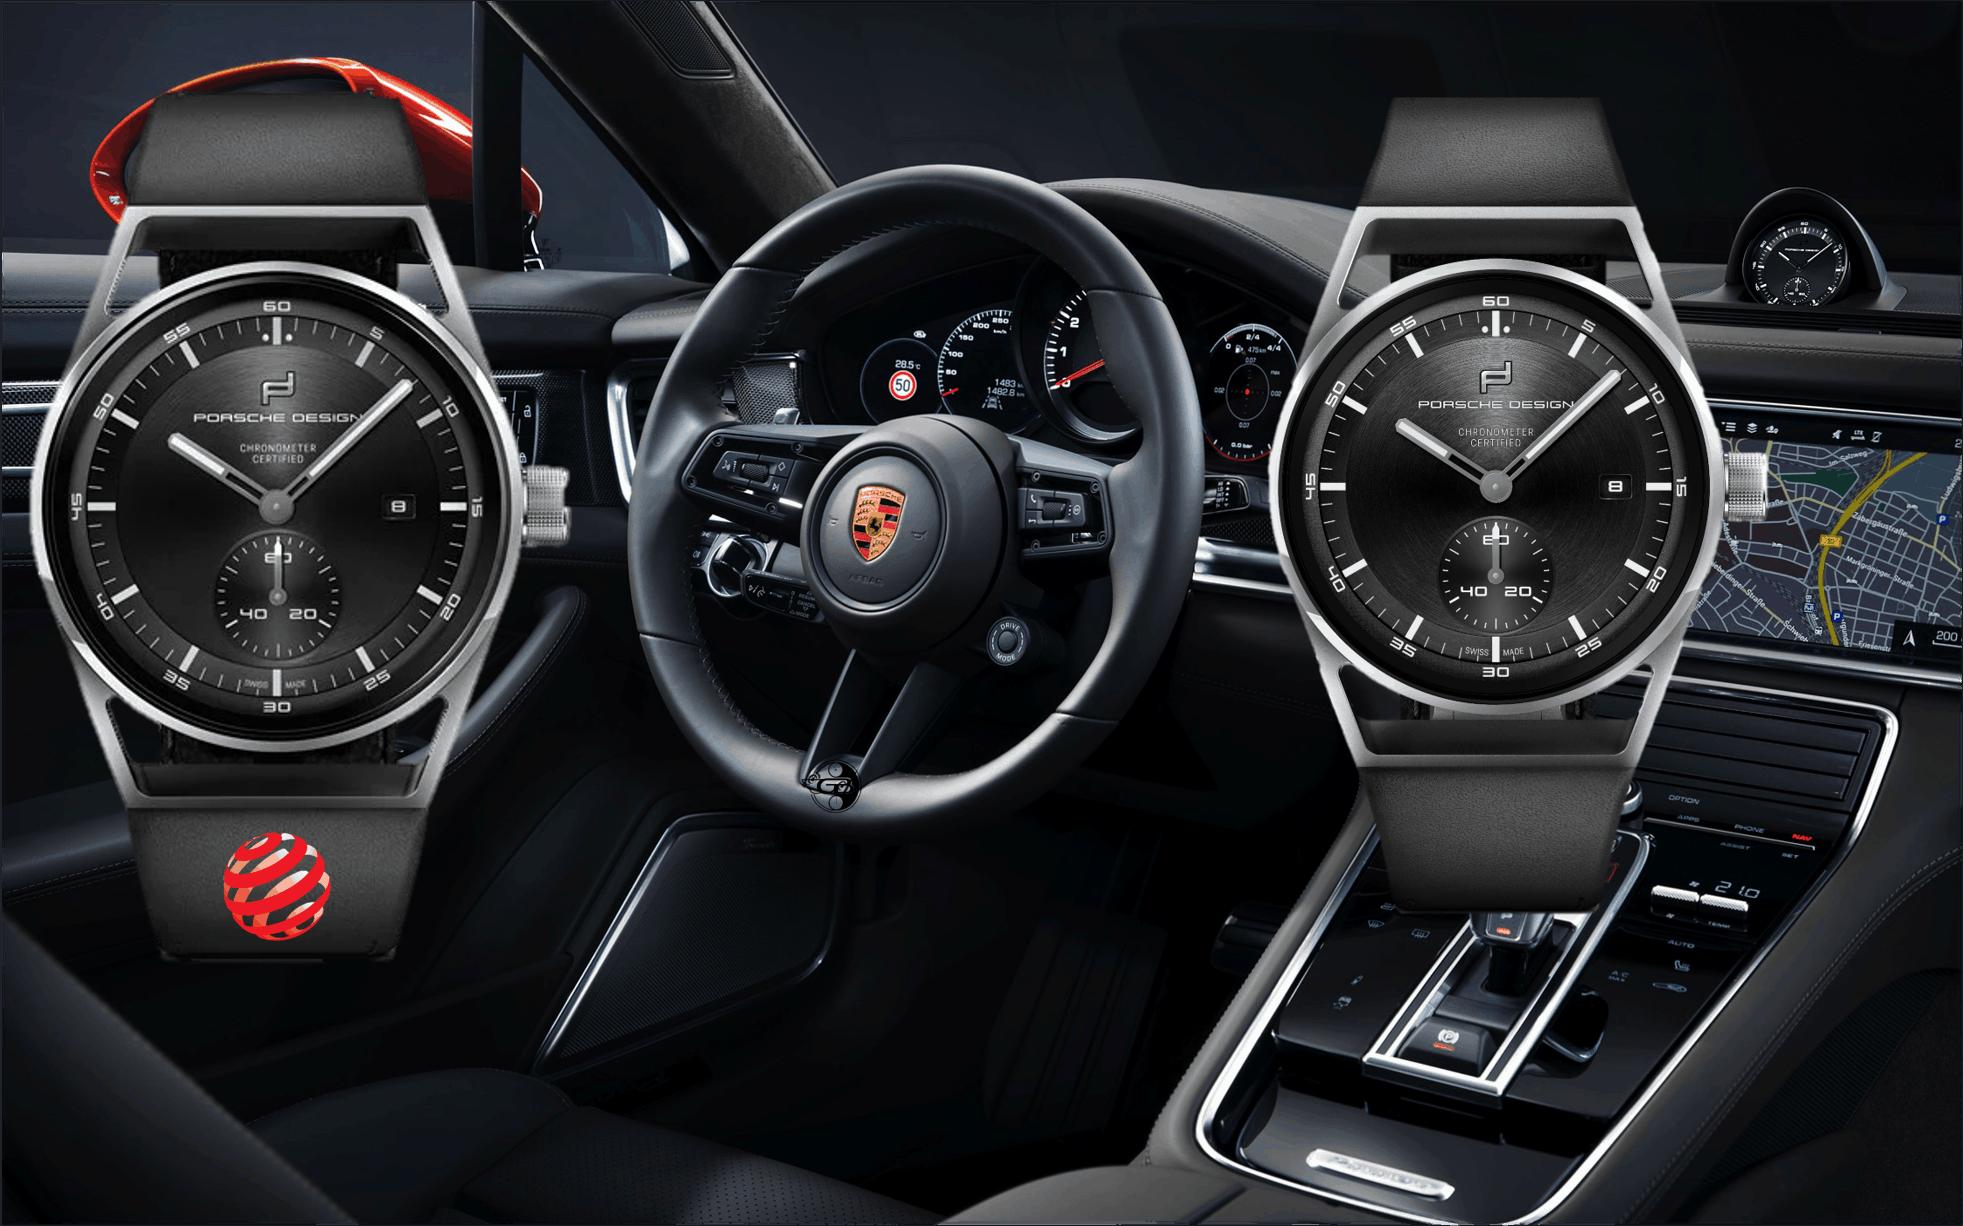 Porsche Design mit 39 mm TitangehäusePorsche Design Sport Chrono Subsecond: Die Uhr zum Auto